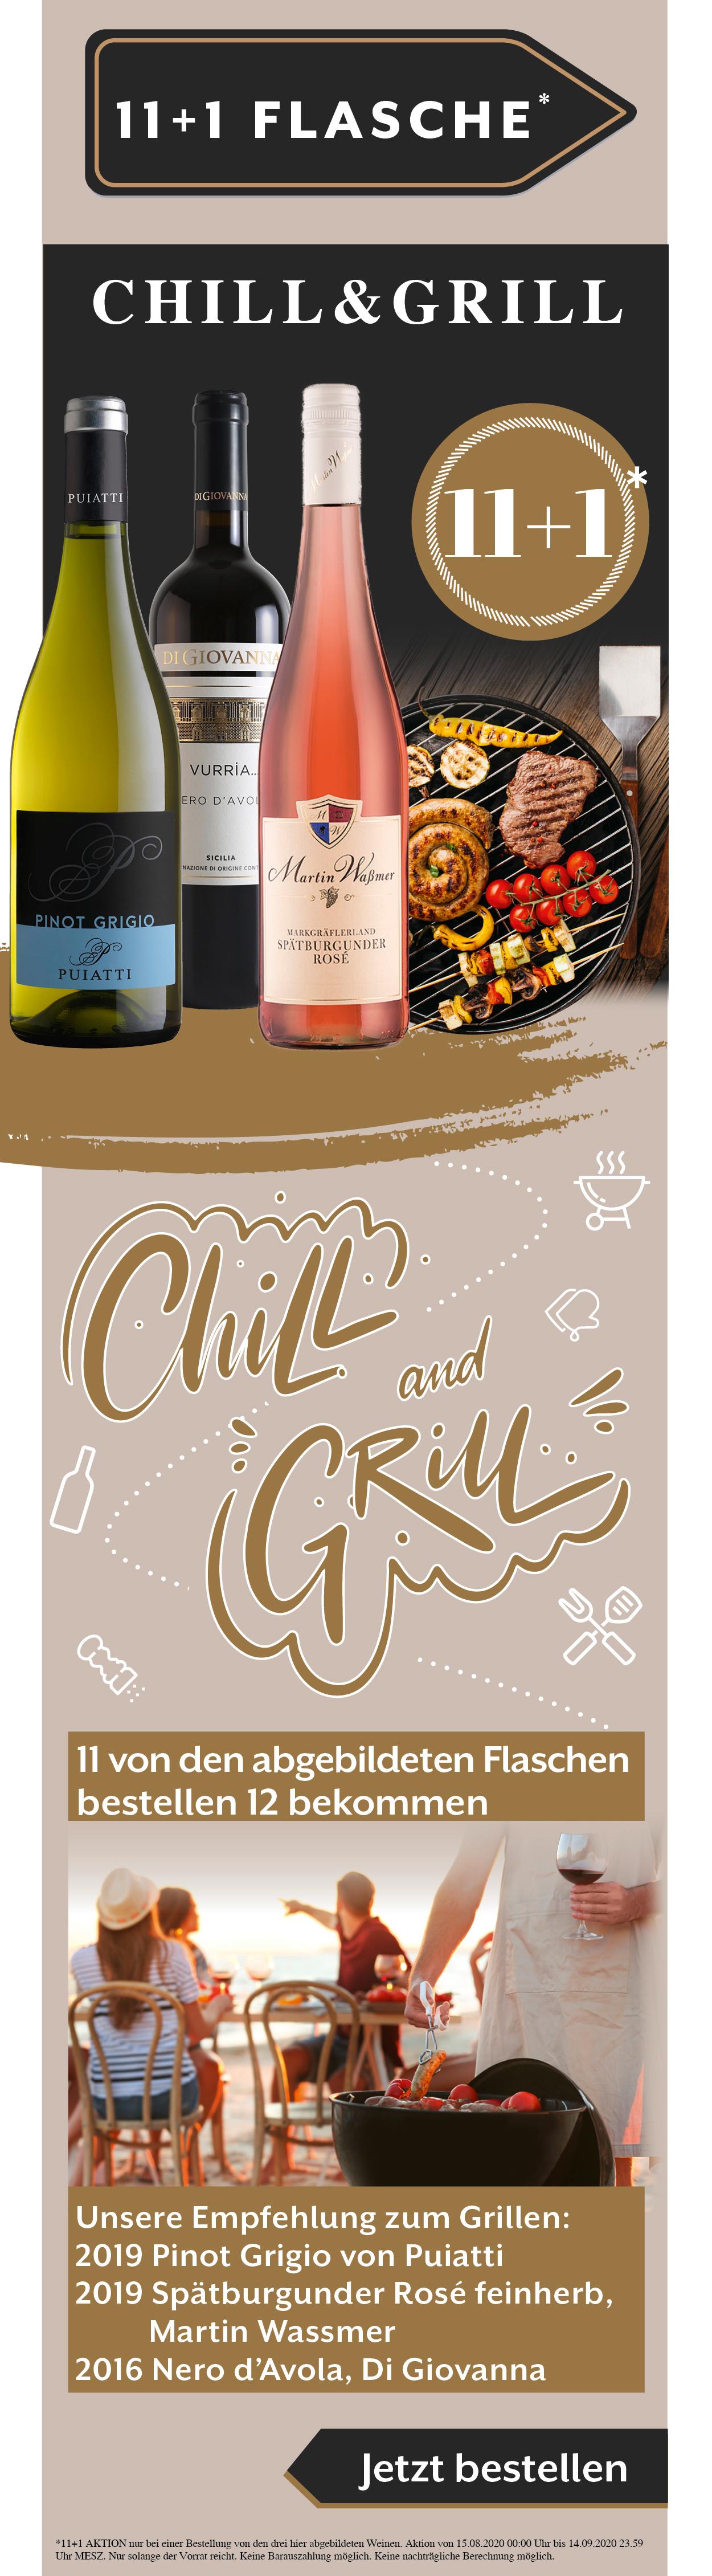 Wein Grillen Chill Angebot Rabatt Weißwein Rotwein Rose